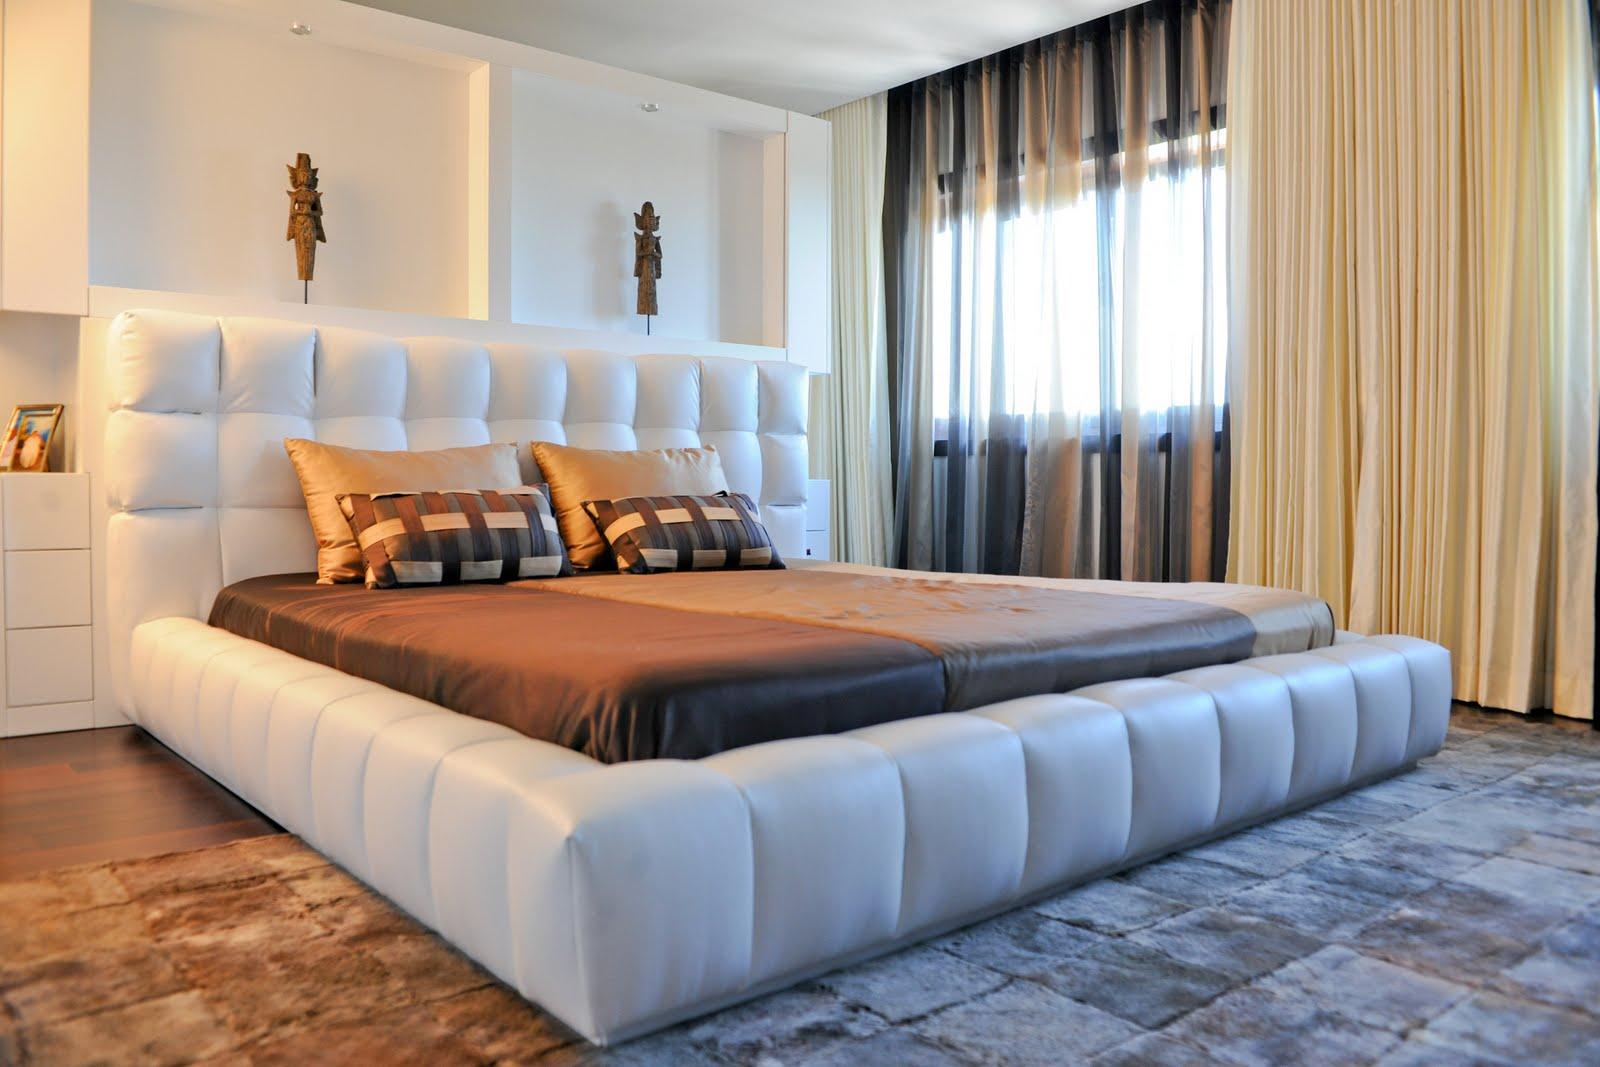 Laskasas quartos modernos decora o e ideias for Catalogo mobilia